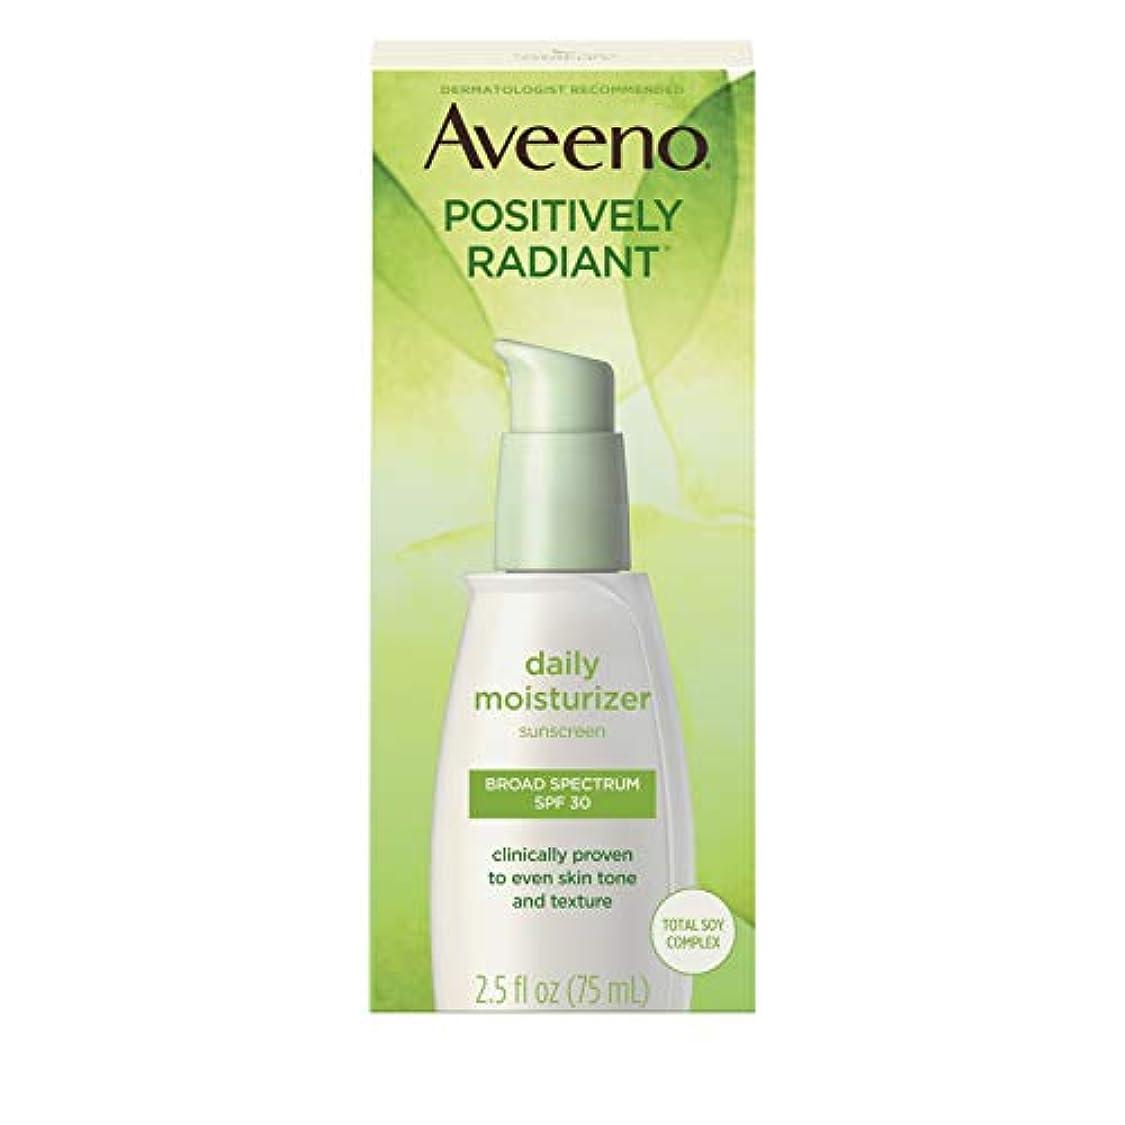 重々しい解明他の場所Aveeno Active Naturals Positively Radiant Daily Moisturizer SPF-30 UVA/UVB Sunscreen 73 ml